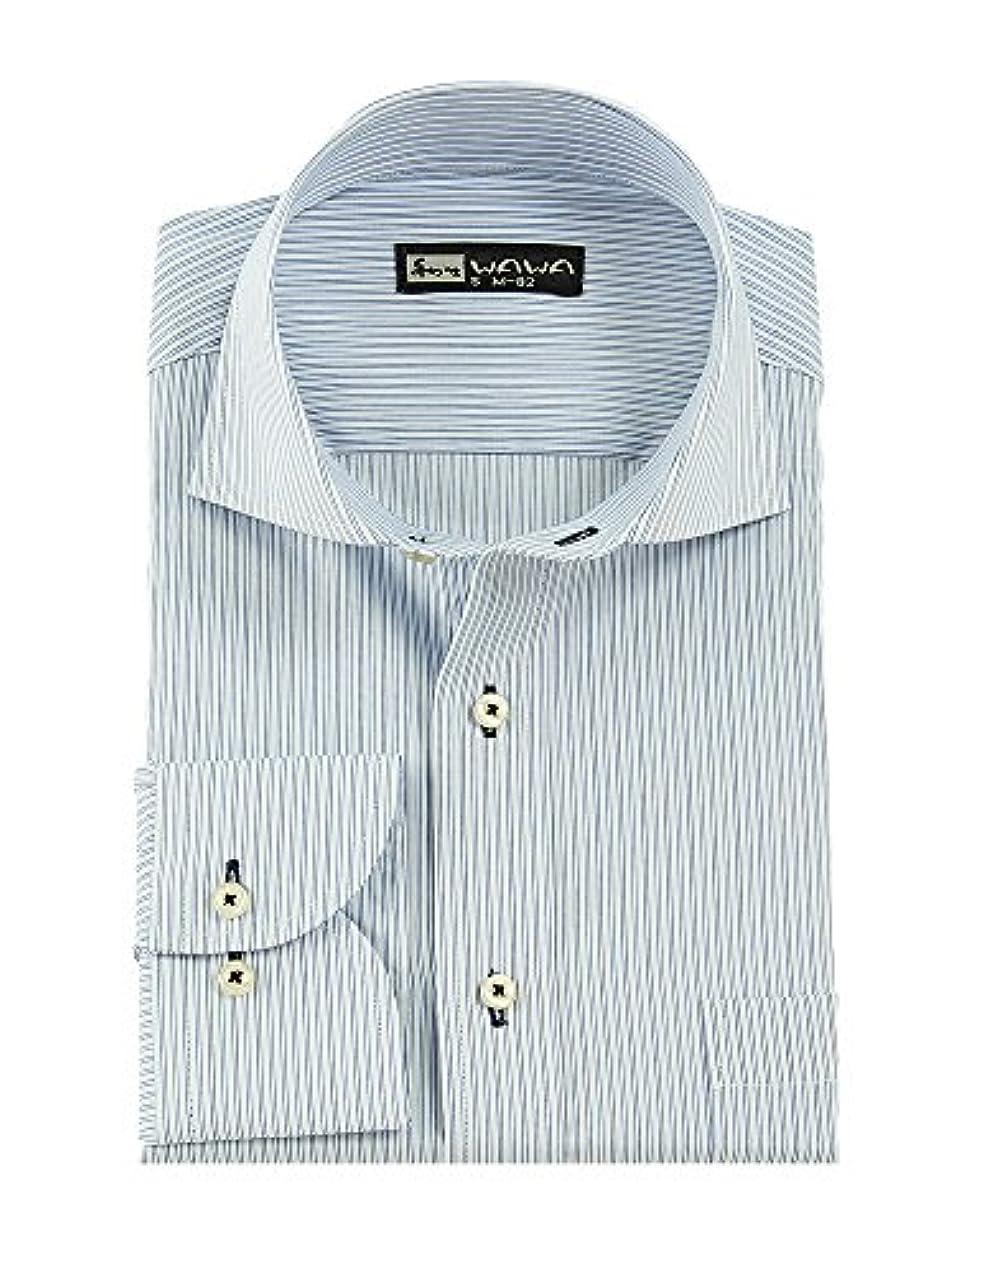 操縦する発火するセクション(ワワジャパン)WAWAJAPAN 12種類から選べる綿100%メンズワイシャツ Cシリーズ (3L84(ジャパンフィット), C-706)